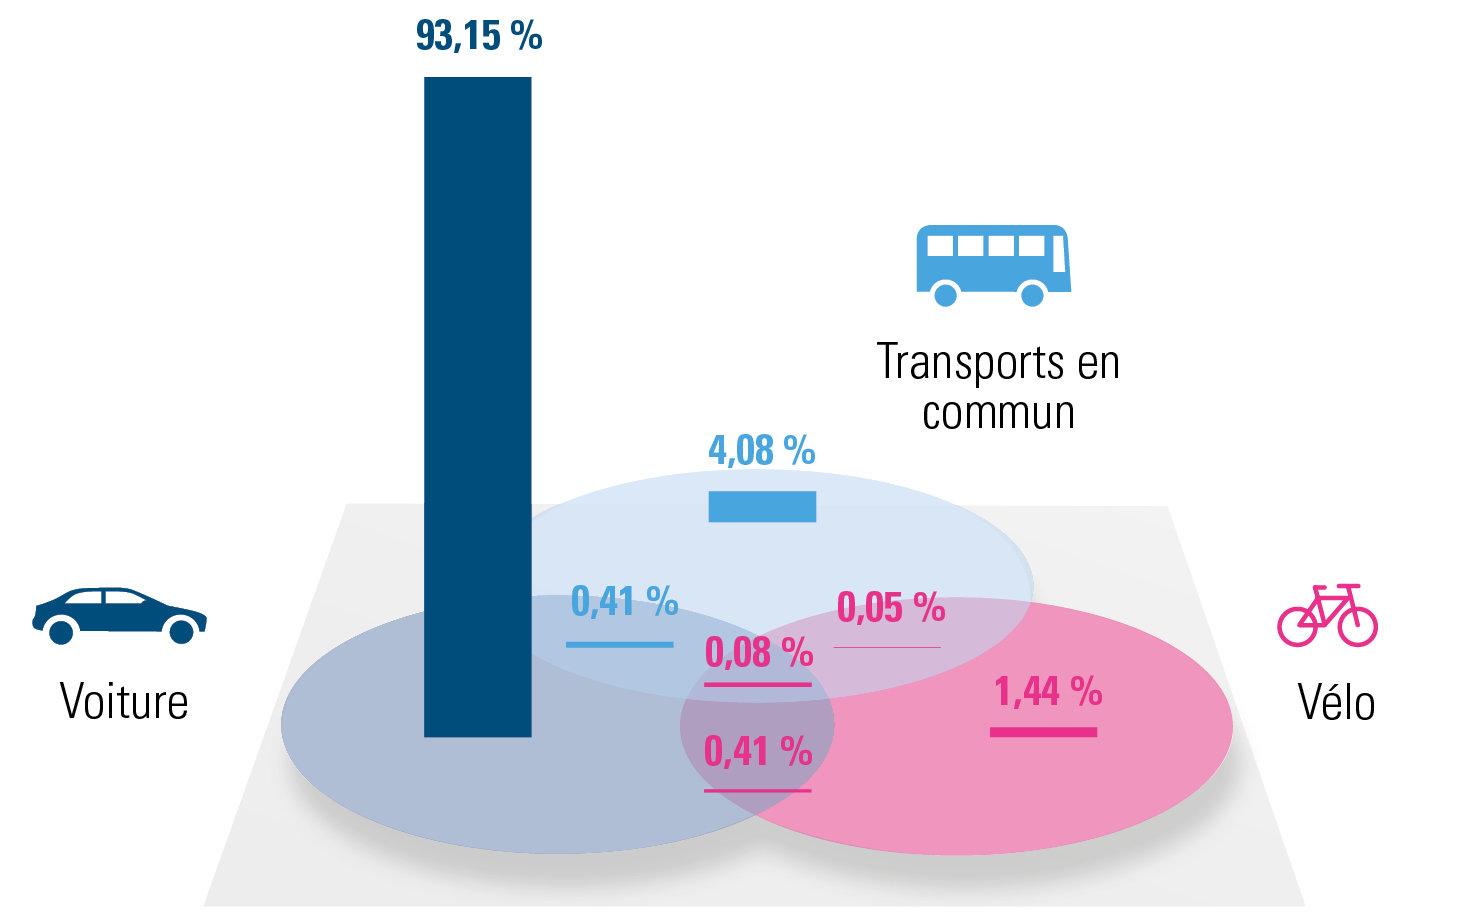 répartition des différentes solutions de mobilité pour la Région de Bruxelles-Capitale